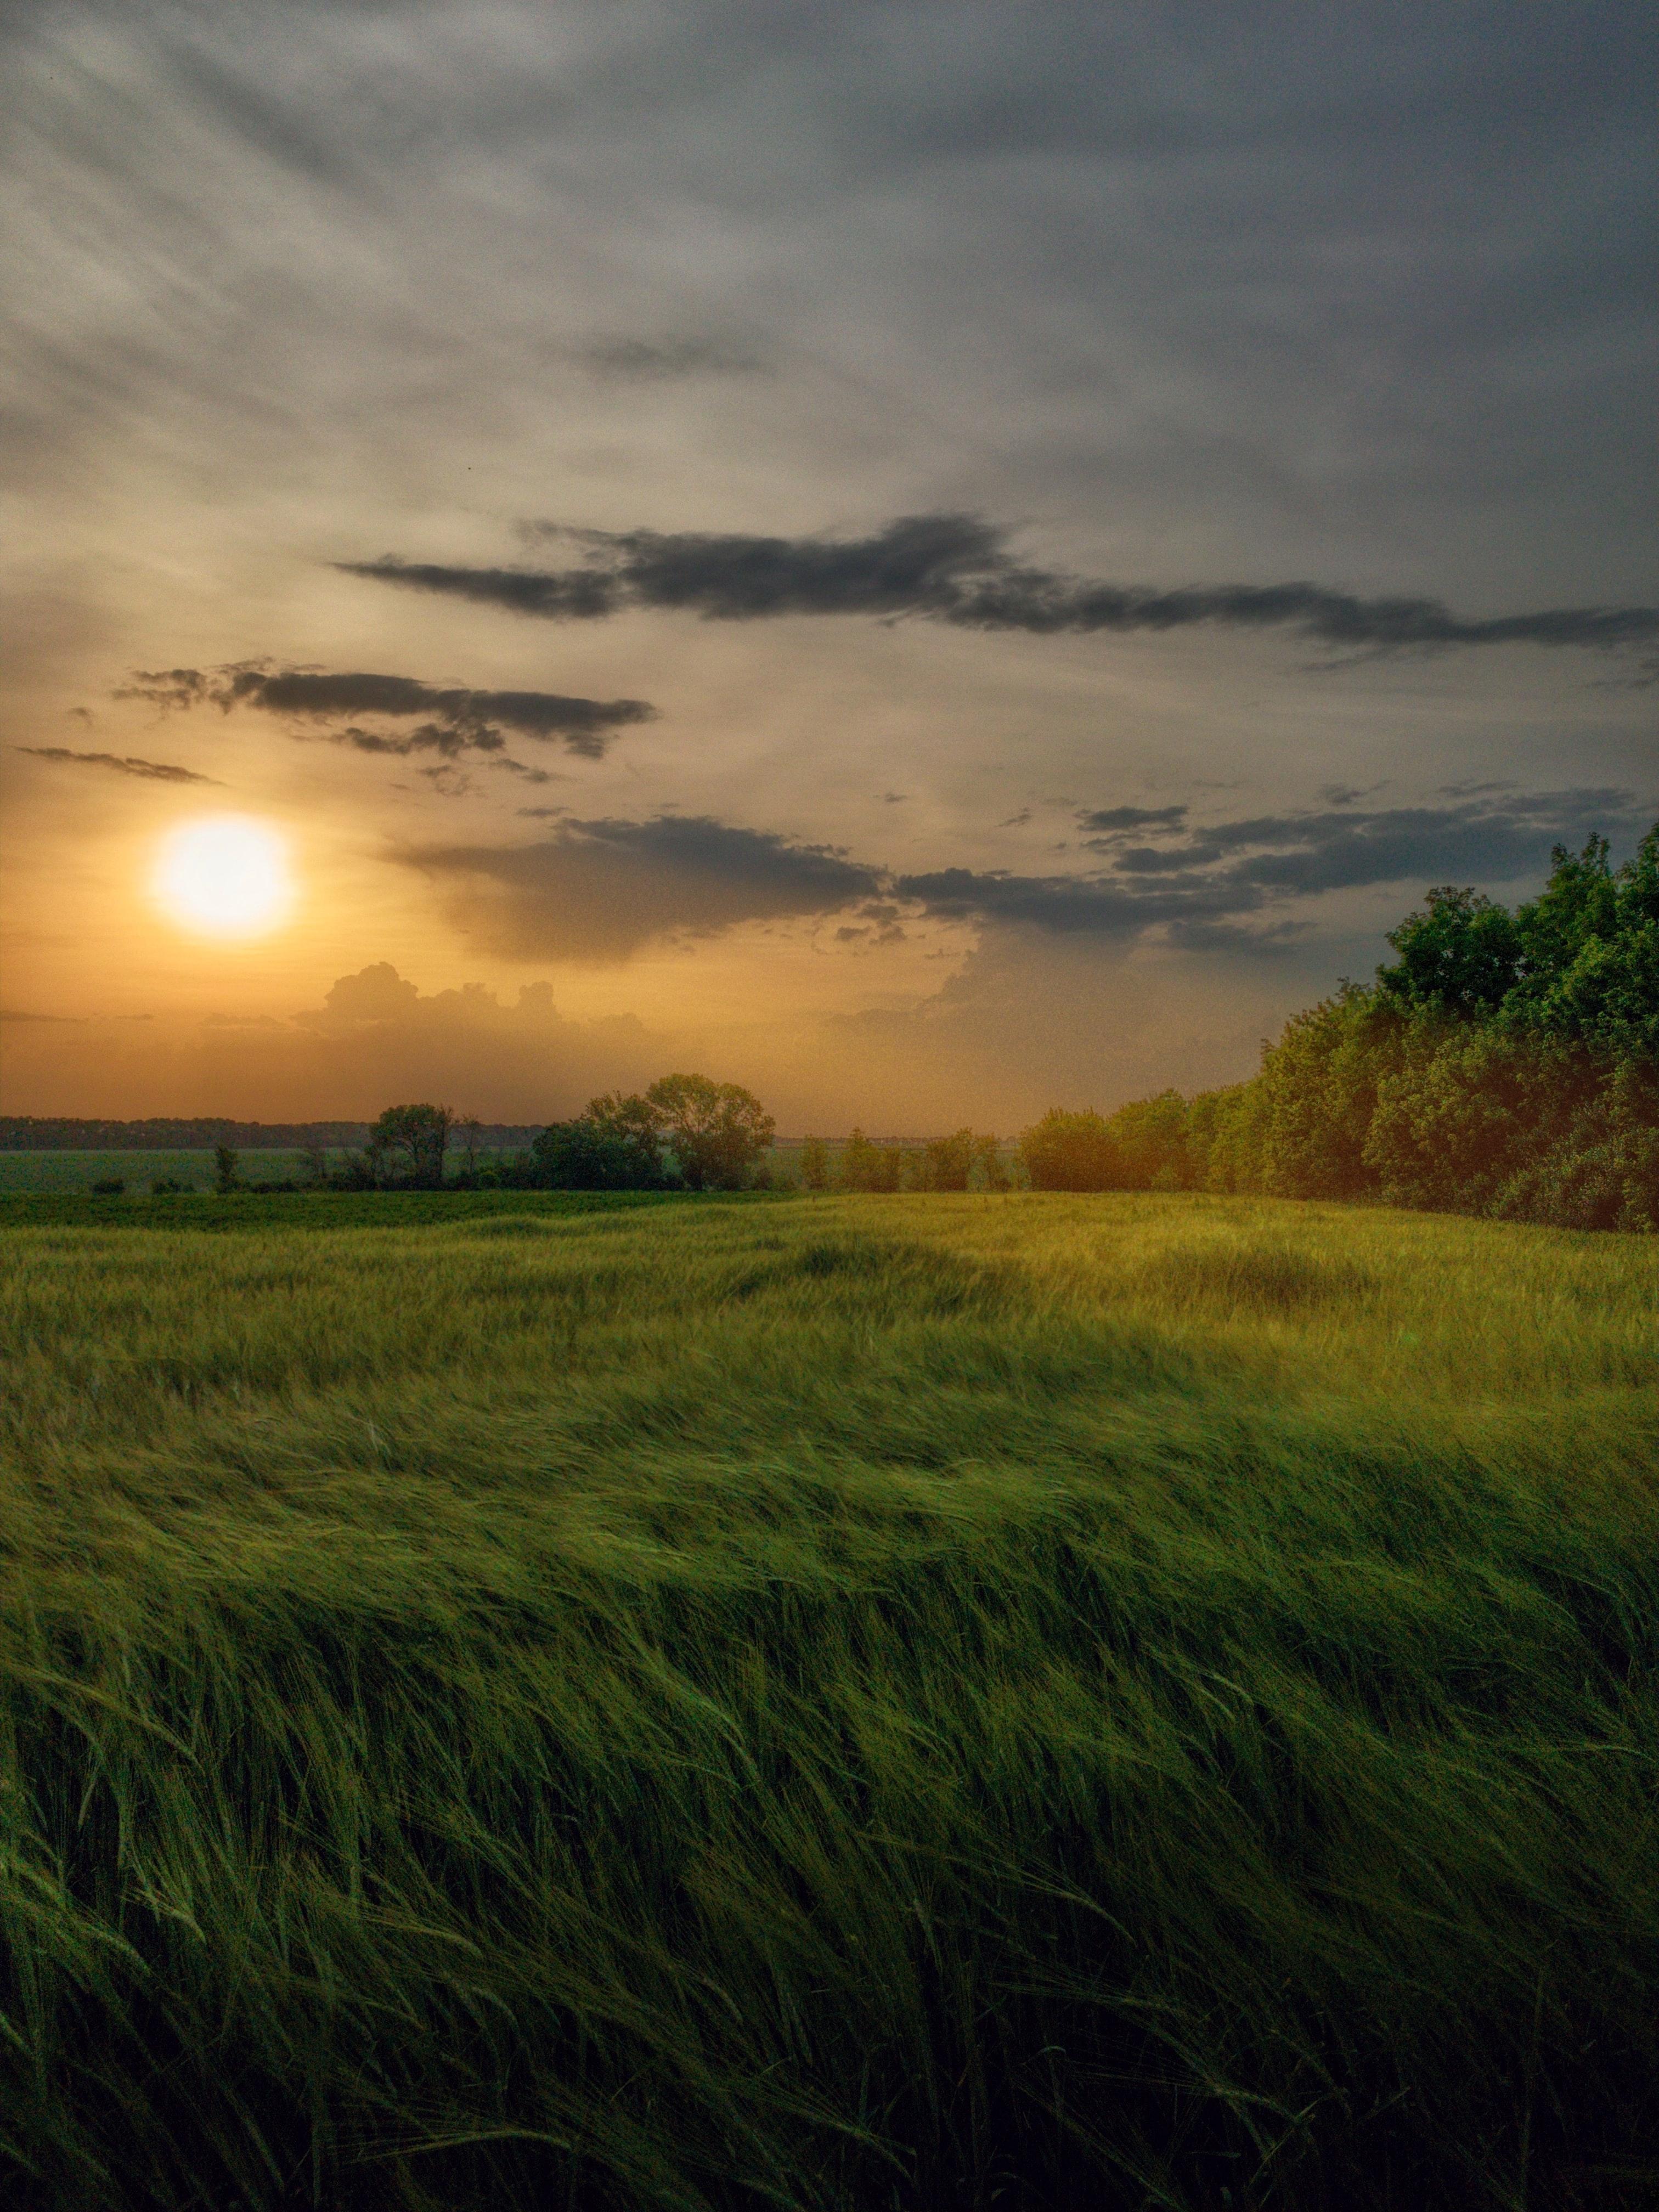 139368壁紙のダウンロード自然, フィールド, 畑, 草, ビーム, 光線, 広々とした, スコープ, サン-スクリーンセーバーと写真を無料で